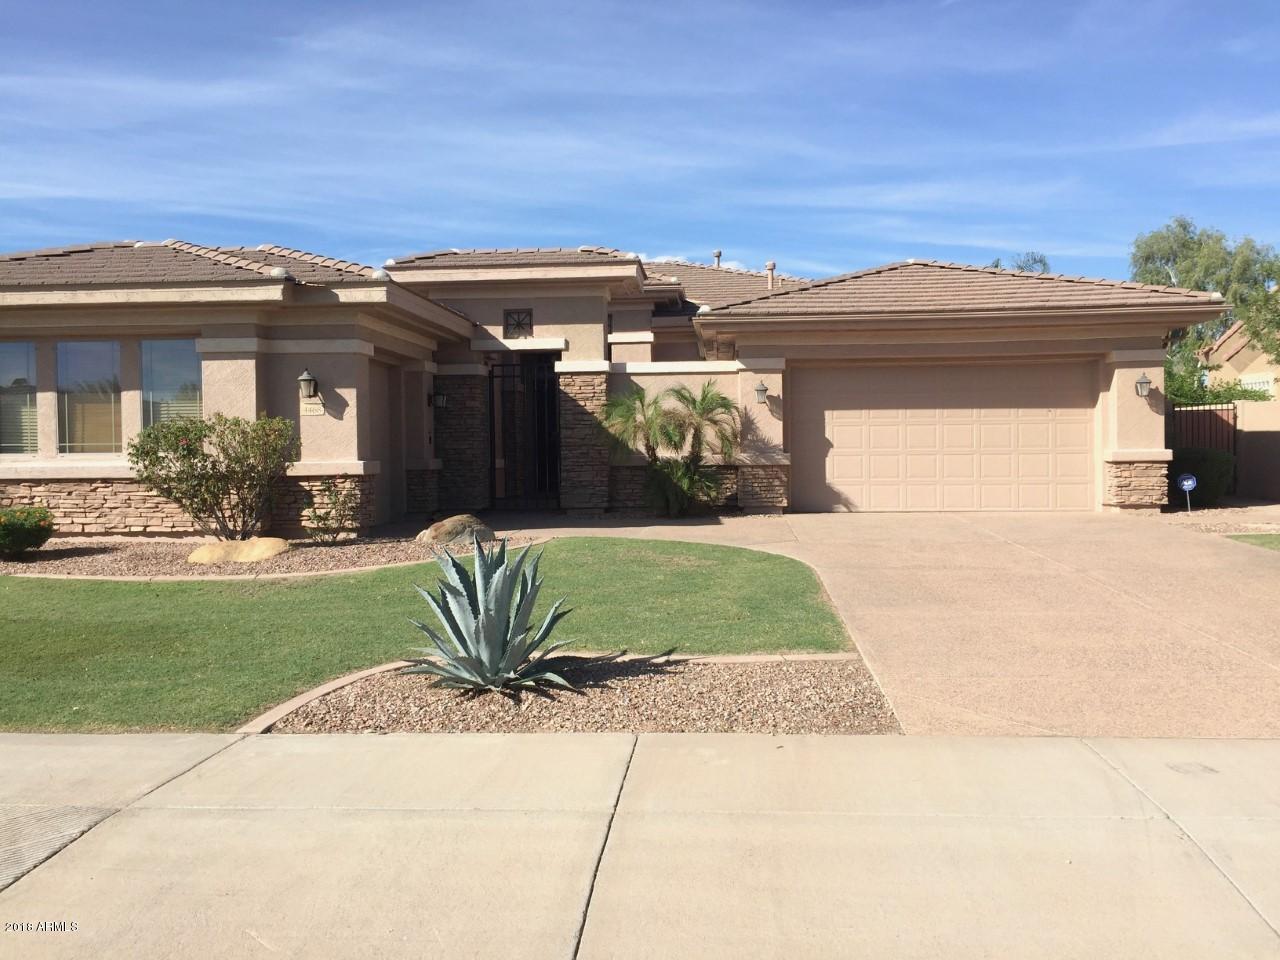 Photo of 4468 E Cabrillo Drive, Gilbert, AZ 85297